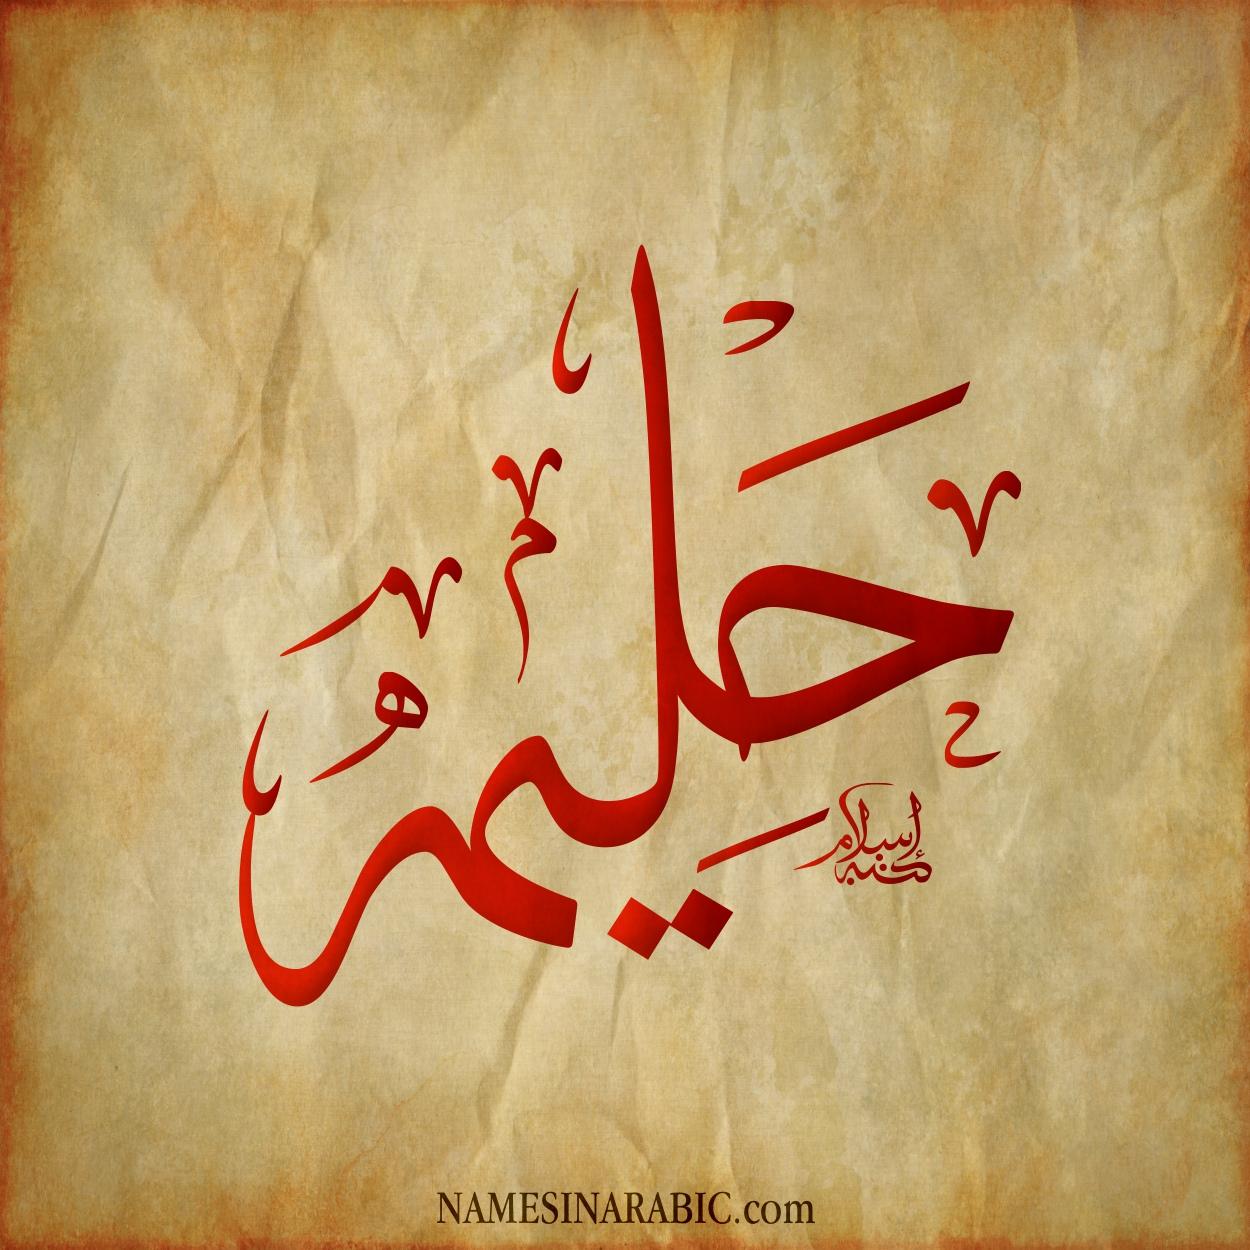 Halima-Name-in-Arabic-Calligraphy.jpg